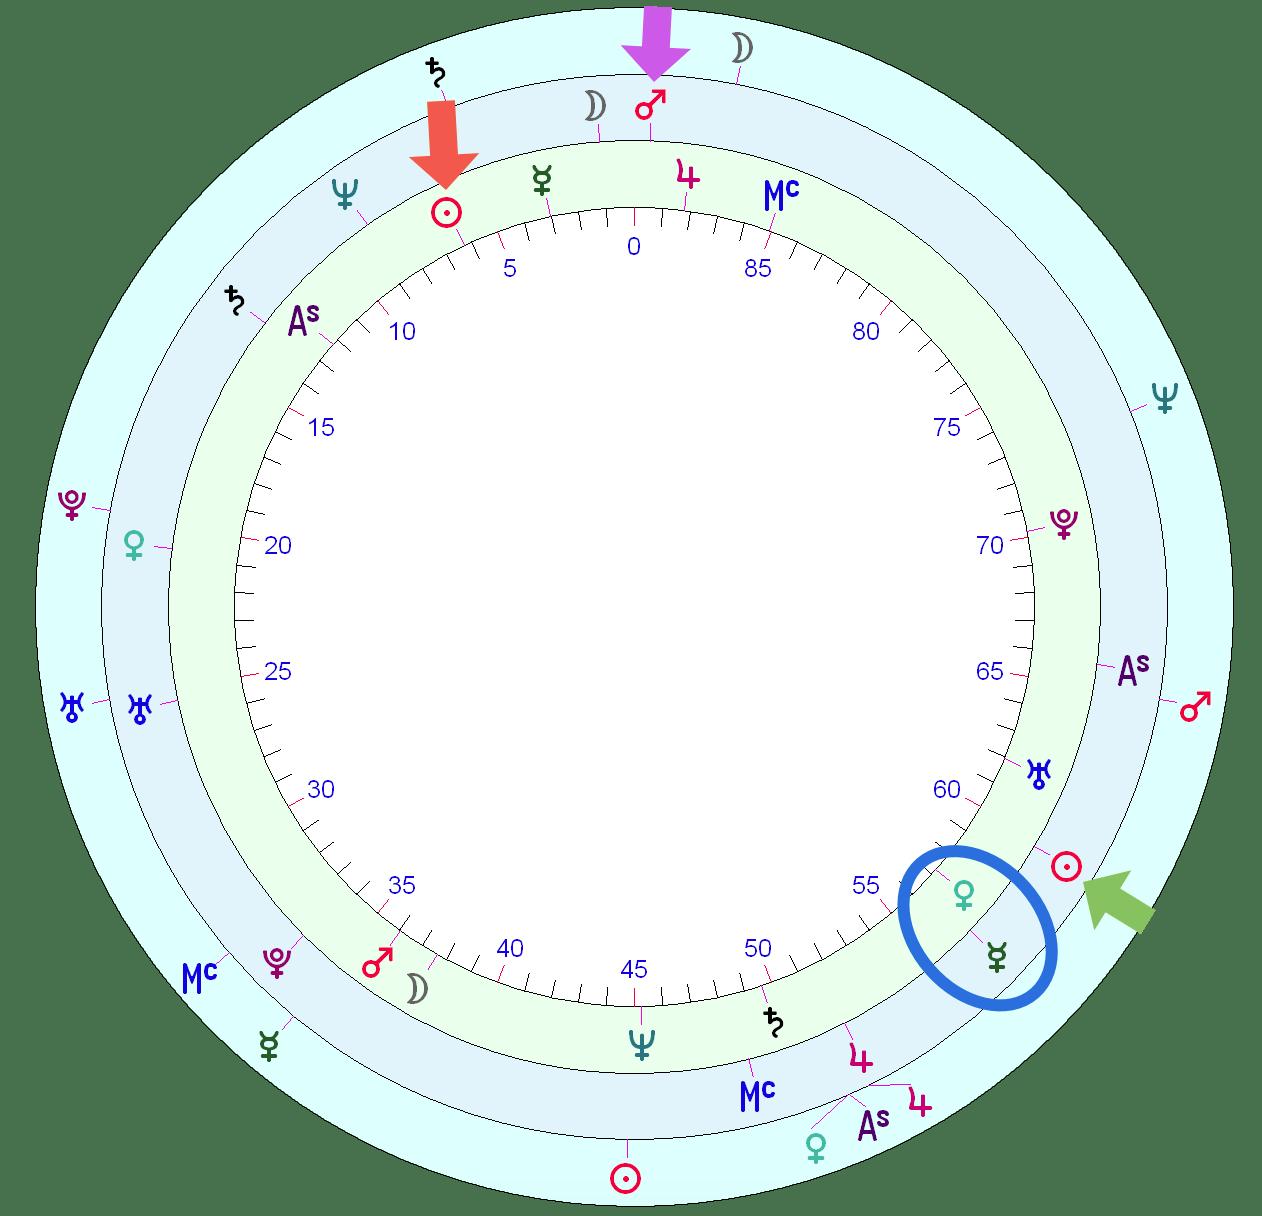 Quentin Tarantino's horoscope